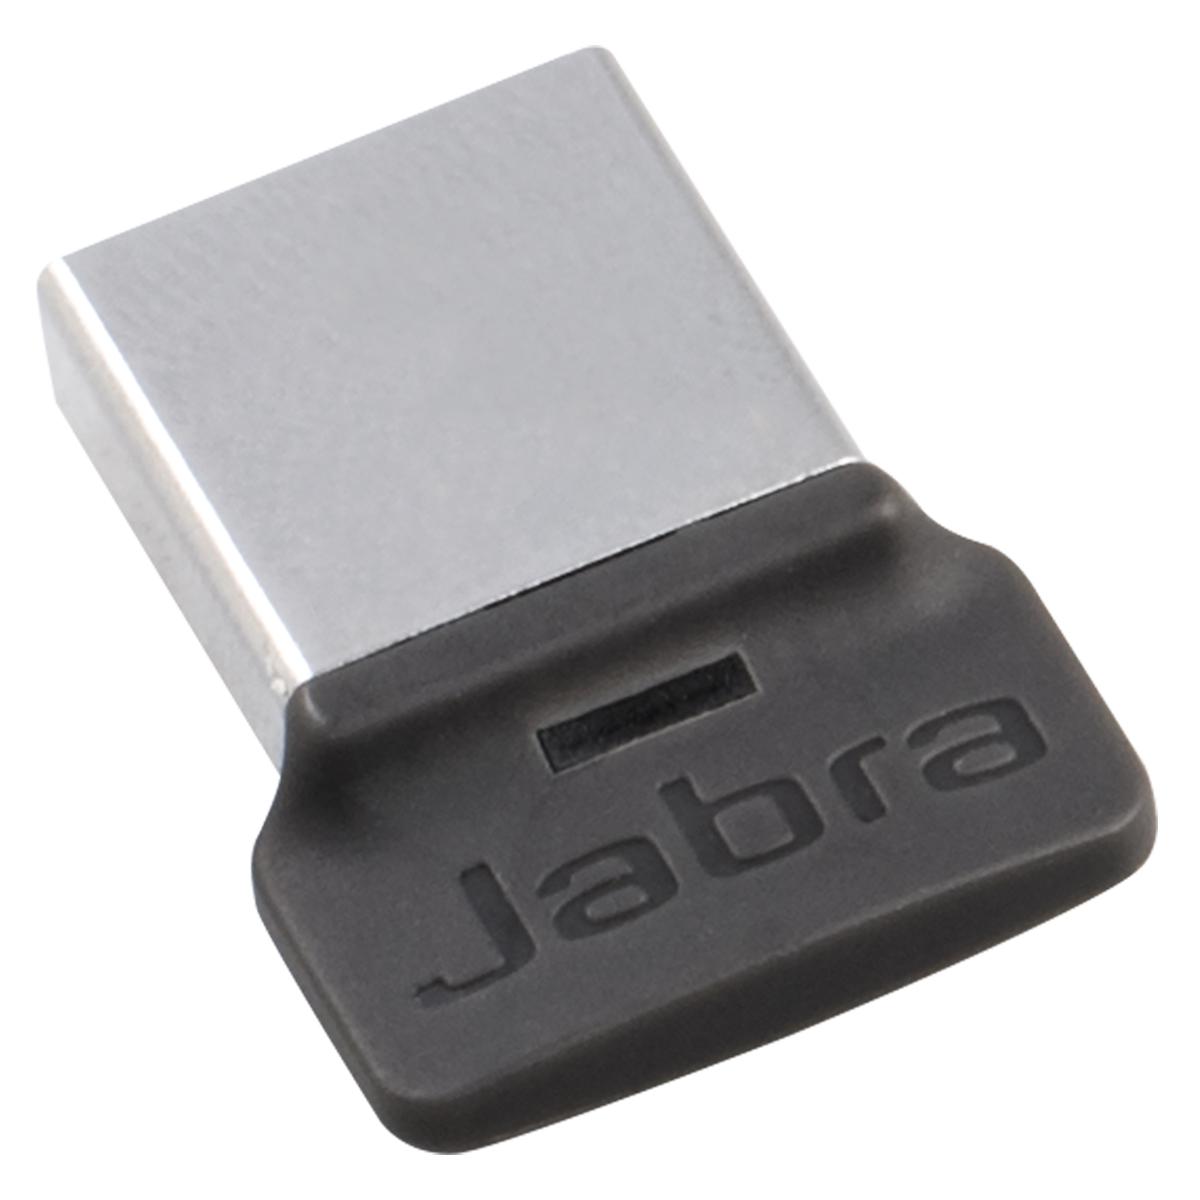 Jabra Link 360 UC Adaptor